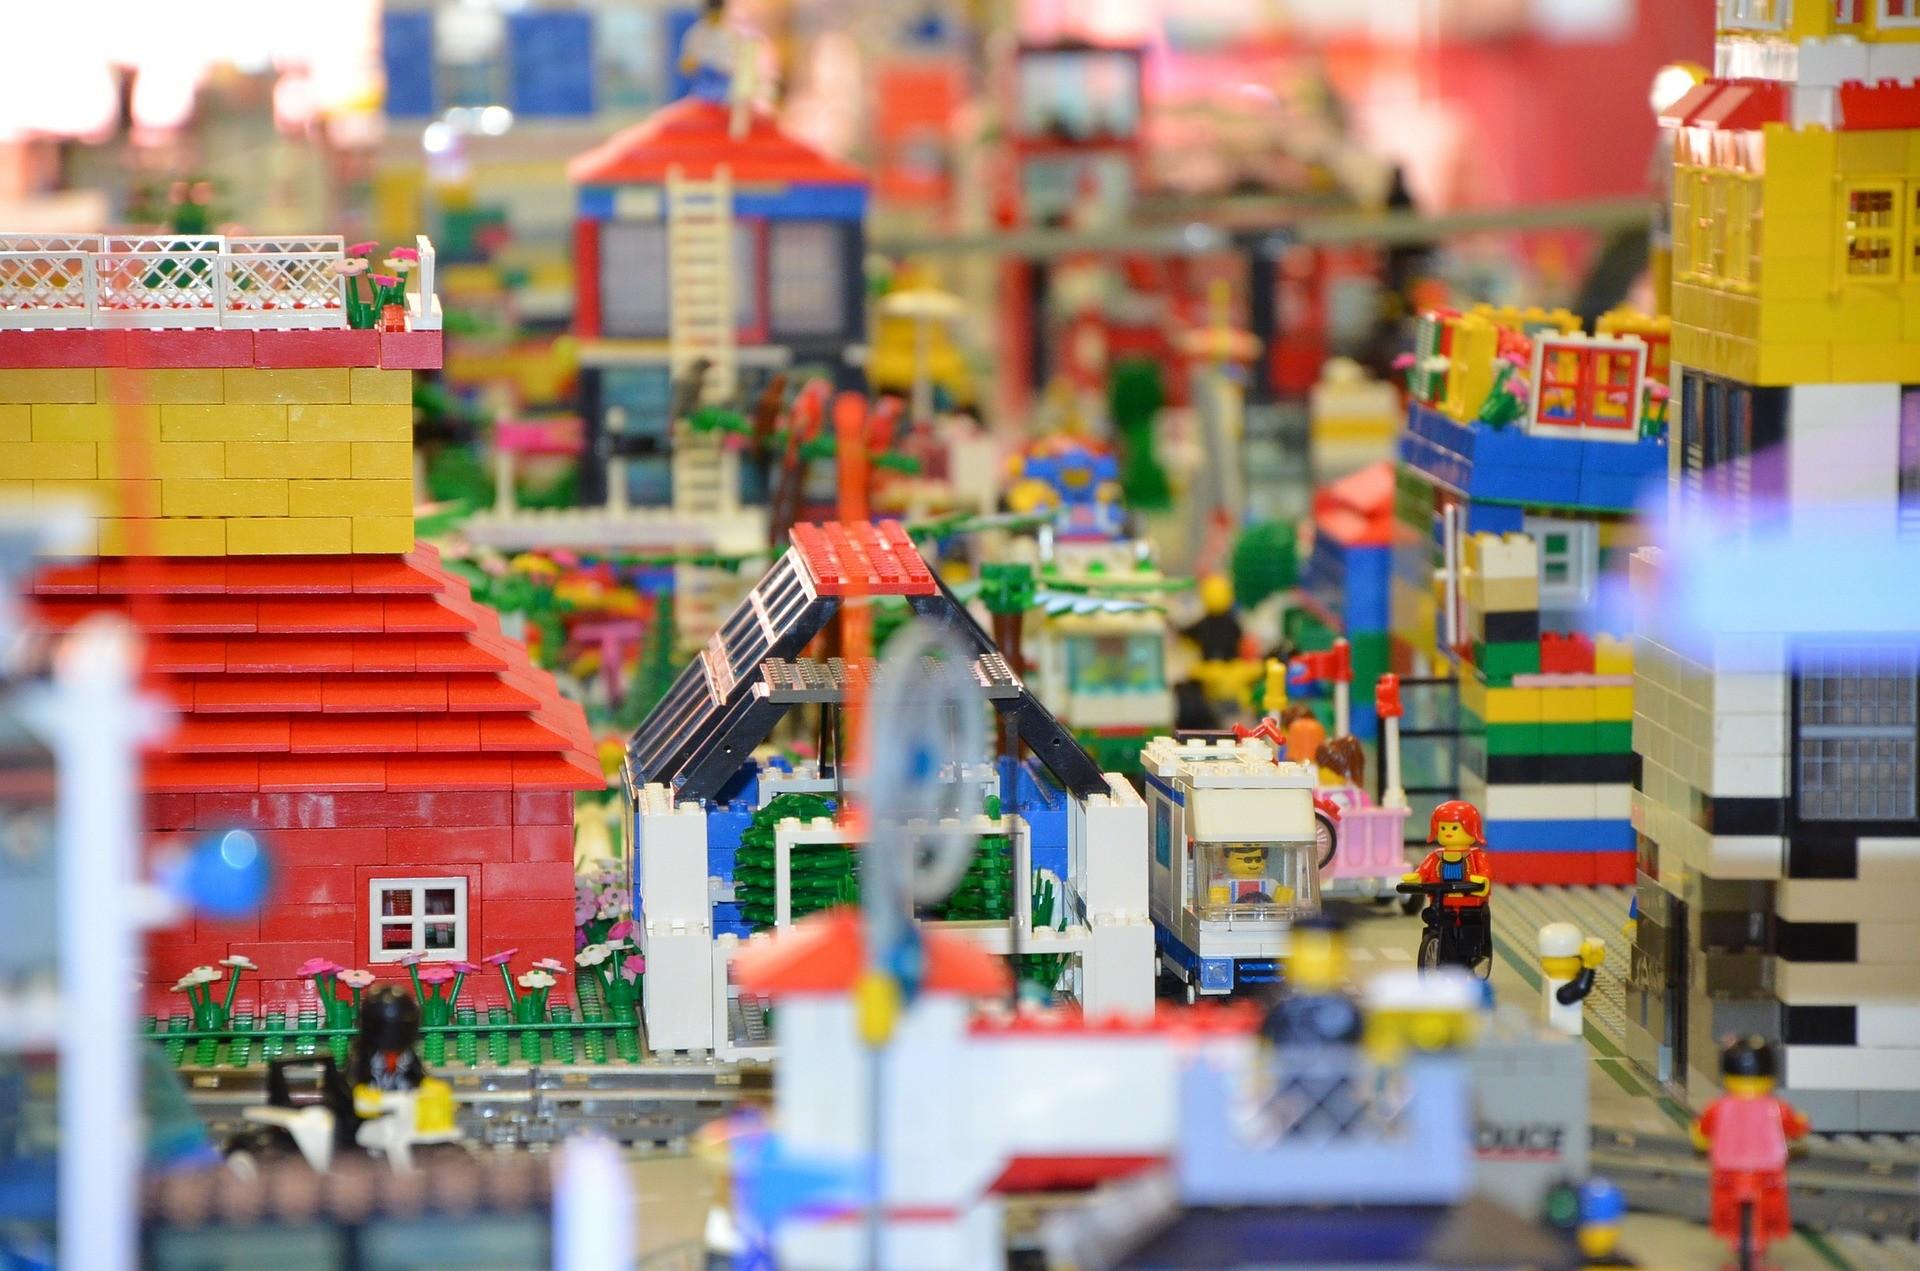 Cosa fare a Boston con i bambini: Legoland, Boston - Foto di sonlandras